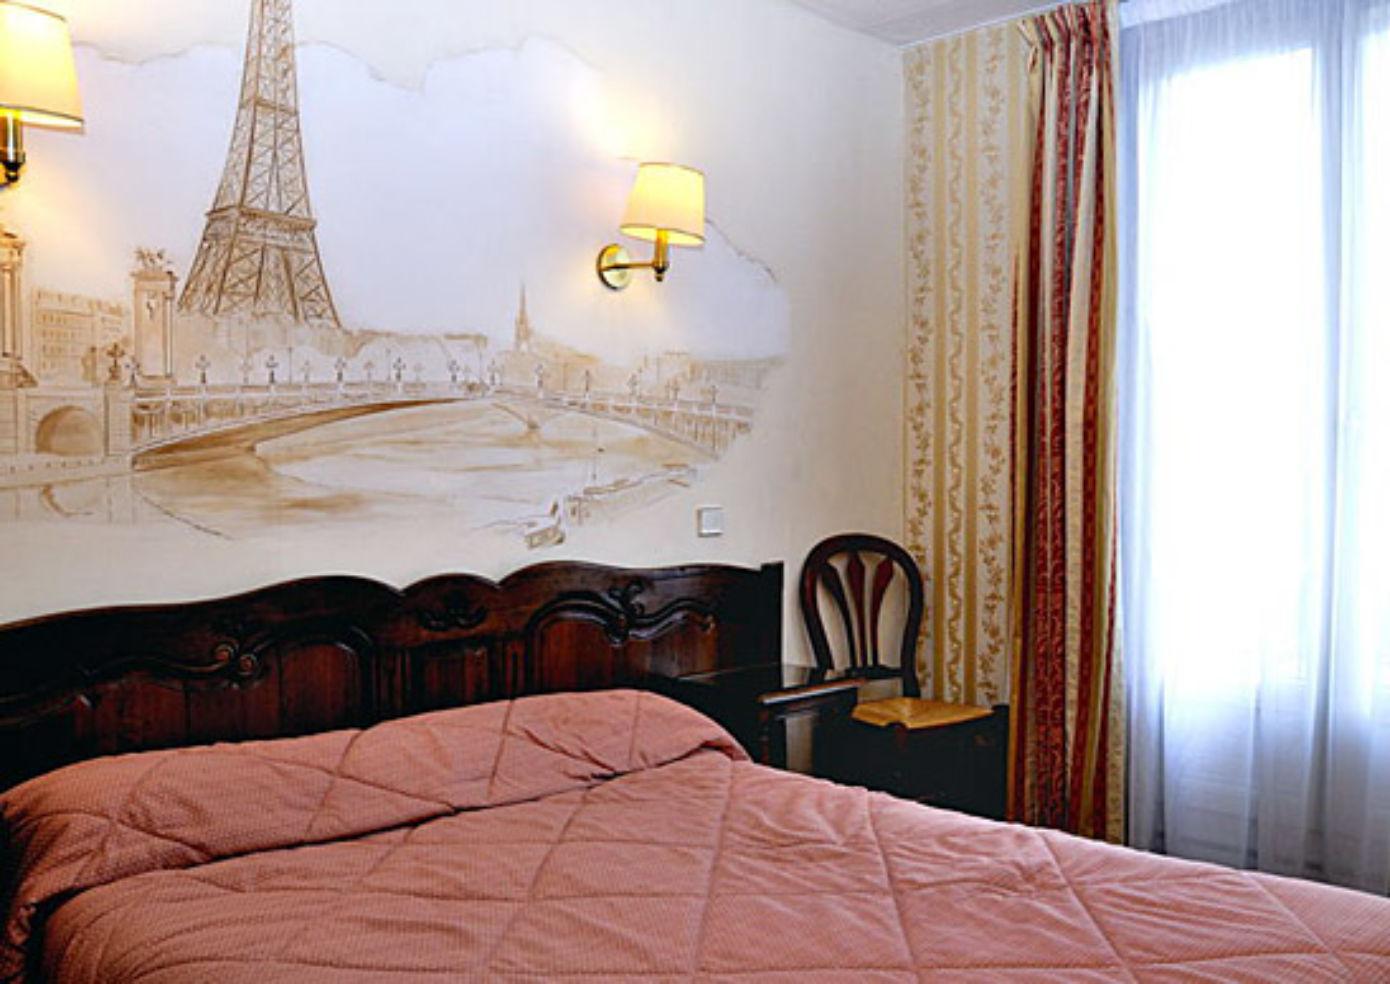 A guest room at the Familia Hôtel.